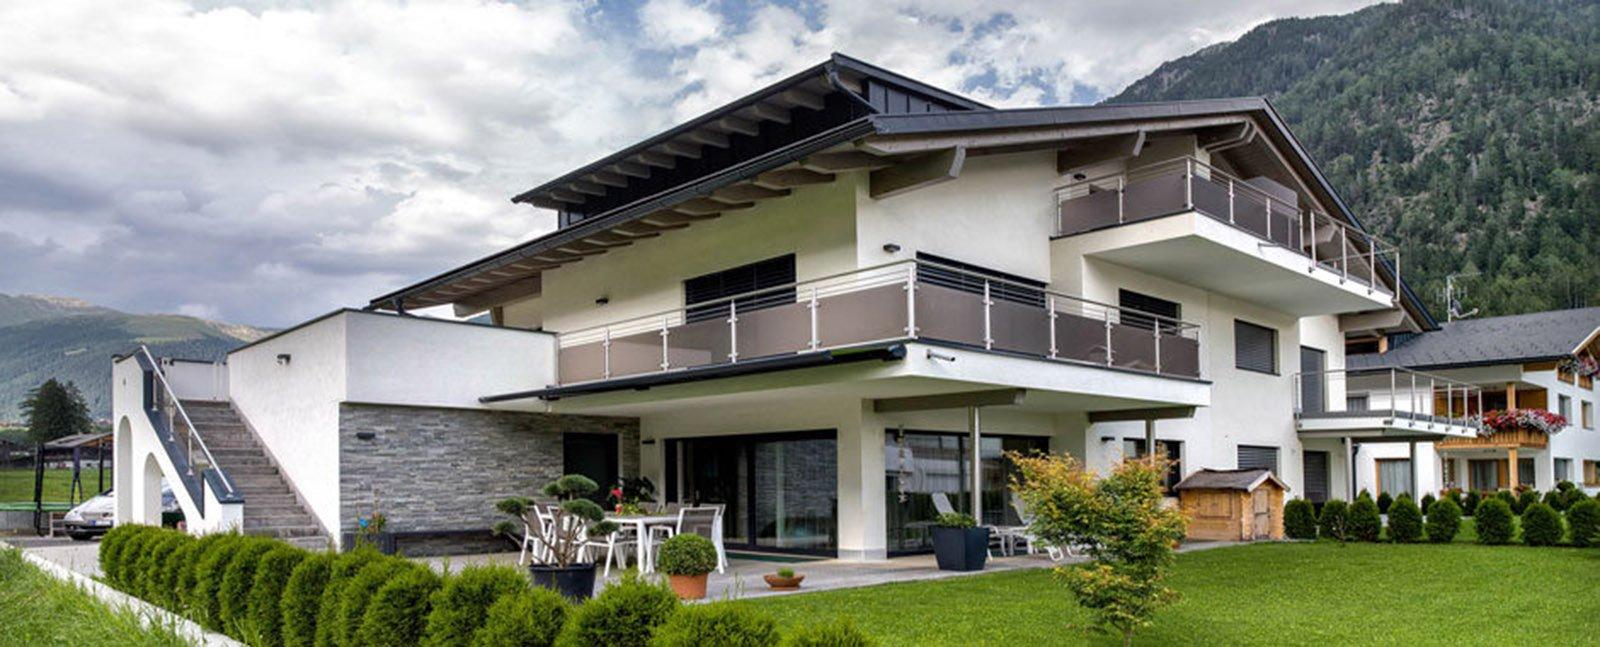 Bioarchitettura e case ecologiche prefabbricate in legno for Rubner prezzi